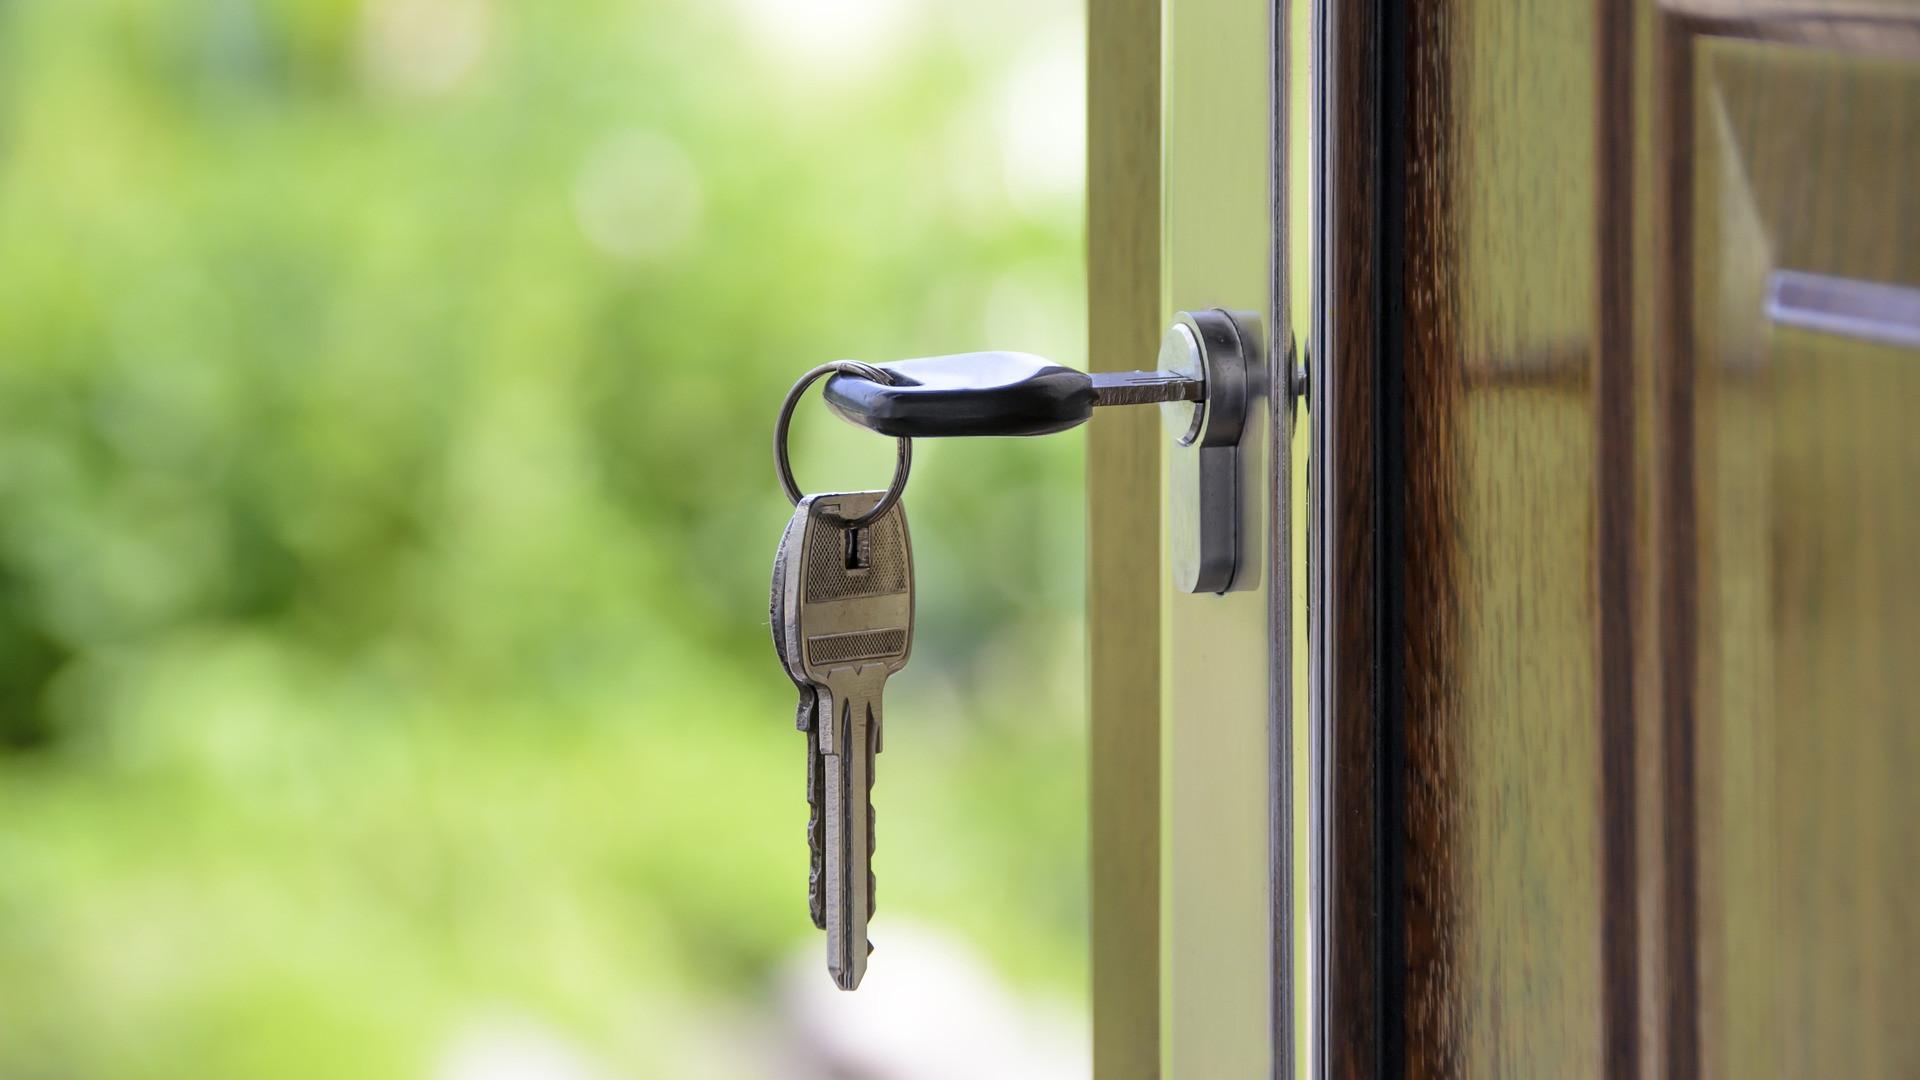 Семь жилых домов ввели в эксплуатацию в Подмосковье за неделю